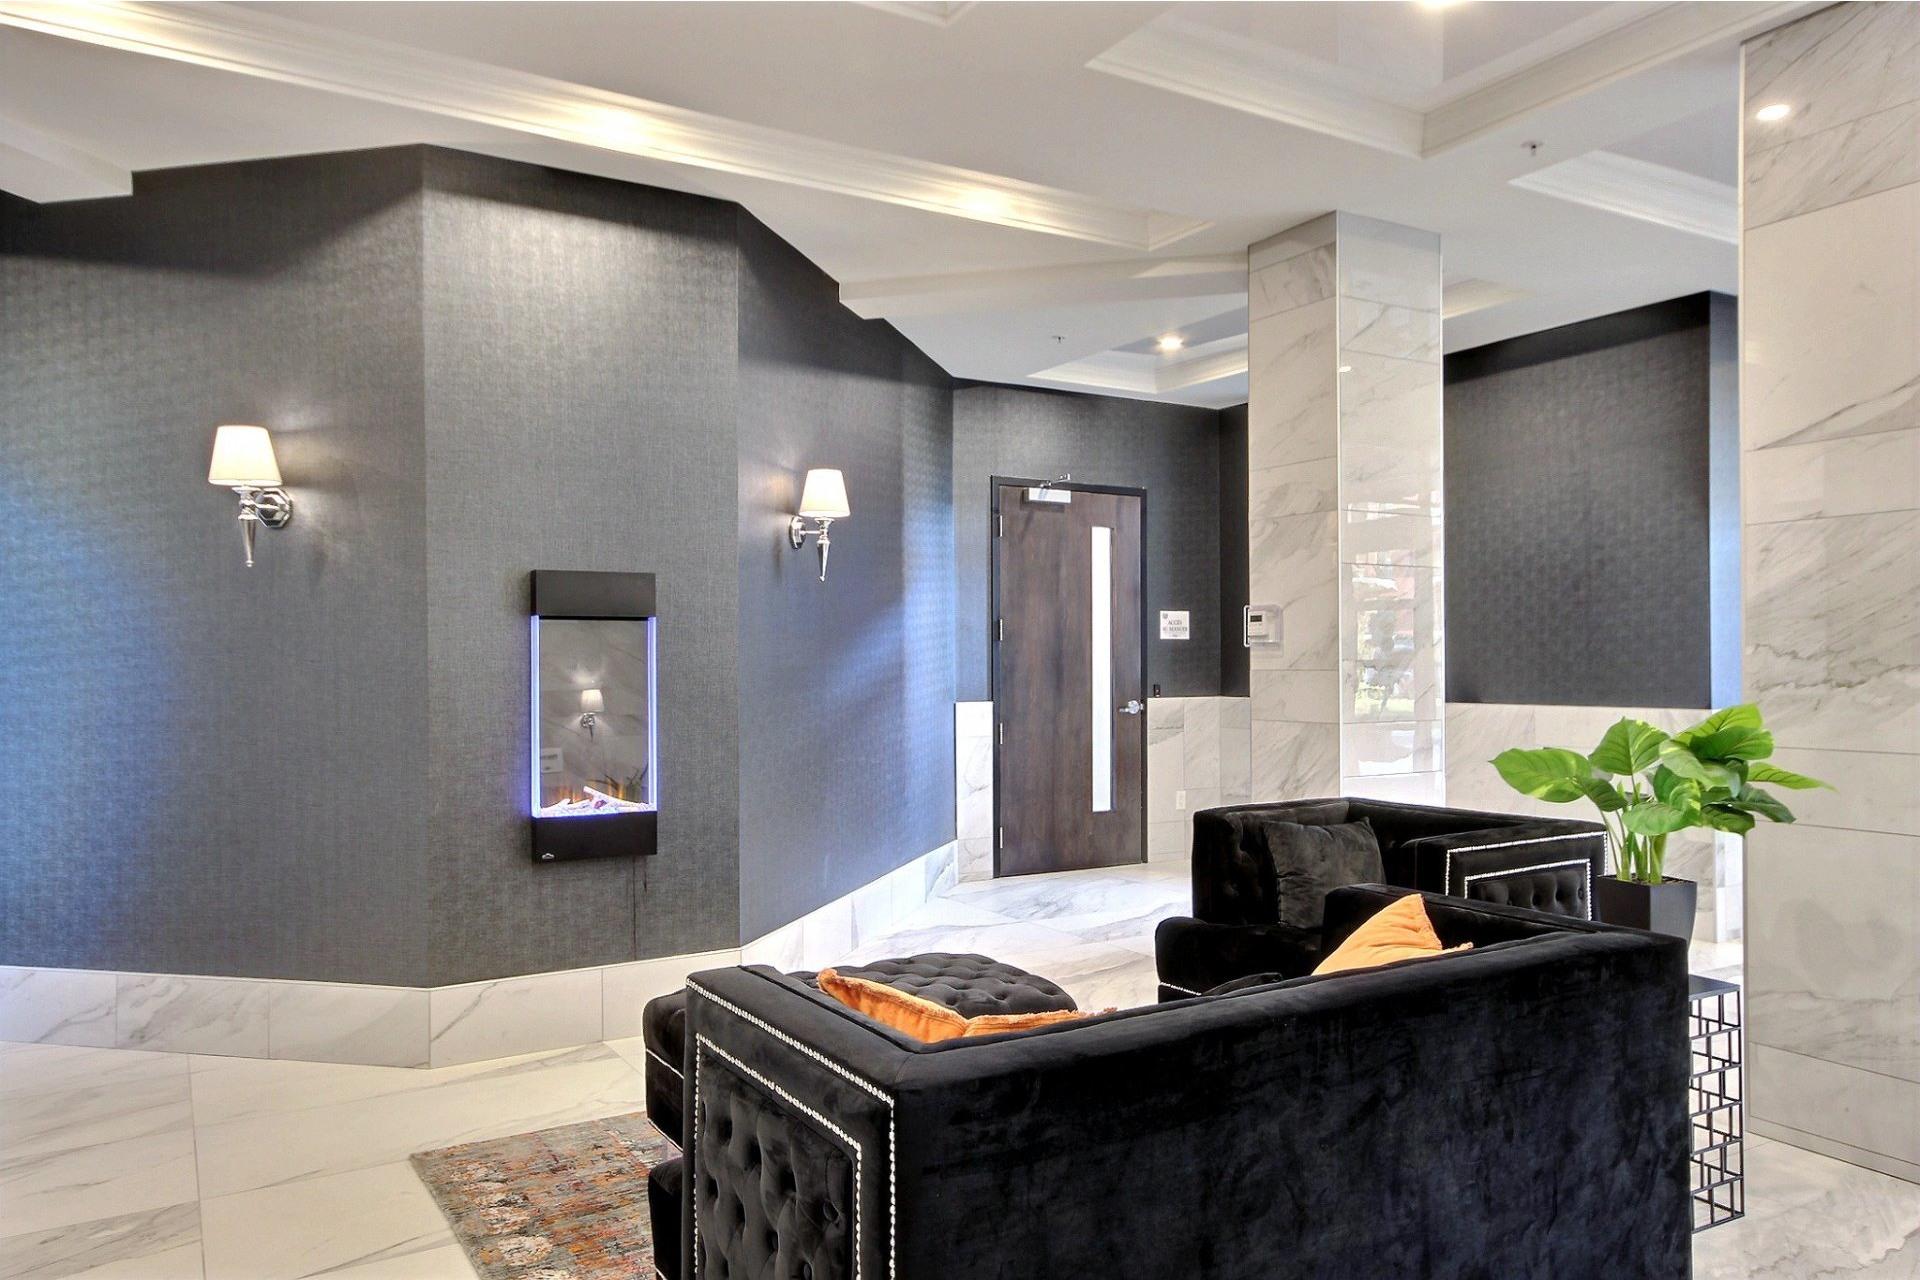 image 25 - Appartement À vendre Sainte-Foy/Sillery/Cap-Rouge Québec  - 7 pièces